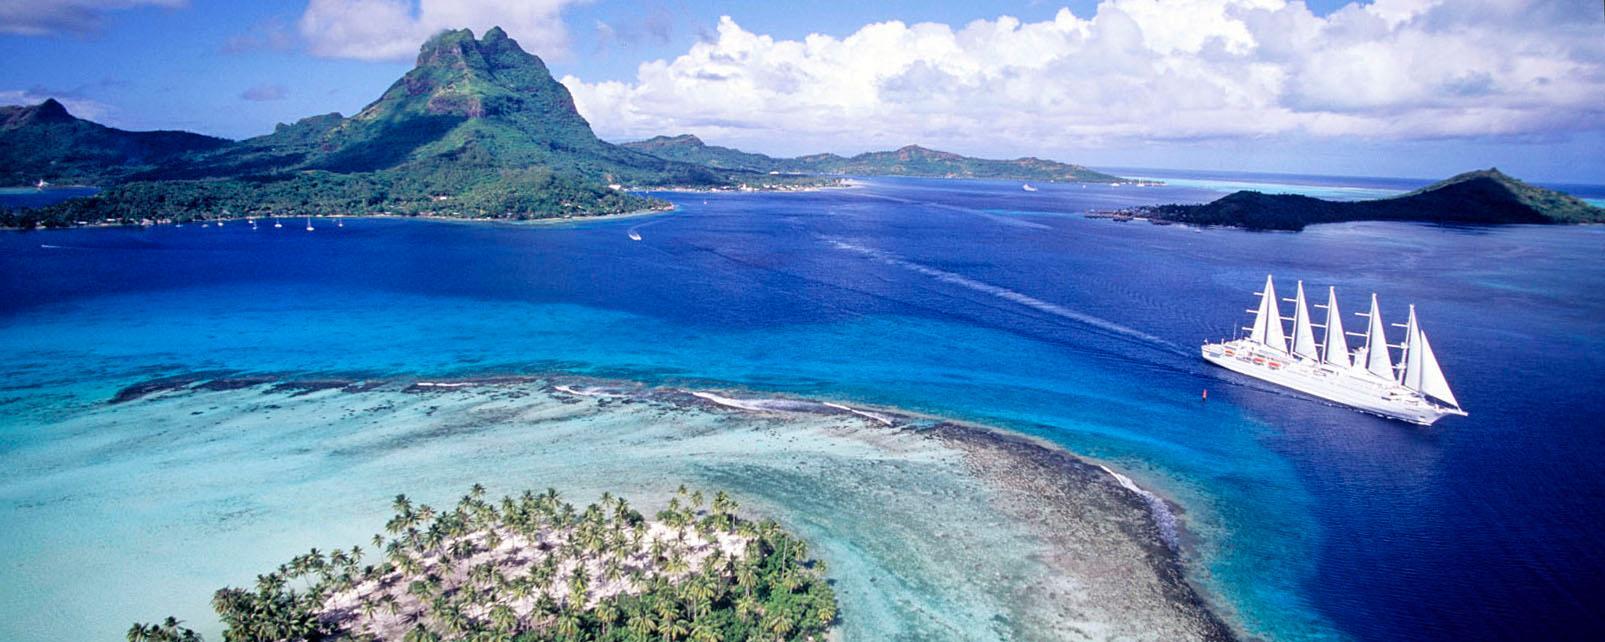 Tahiti, Bora Bora